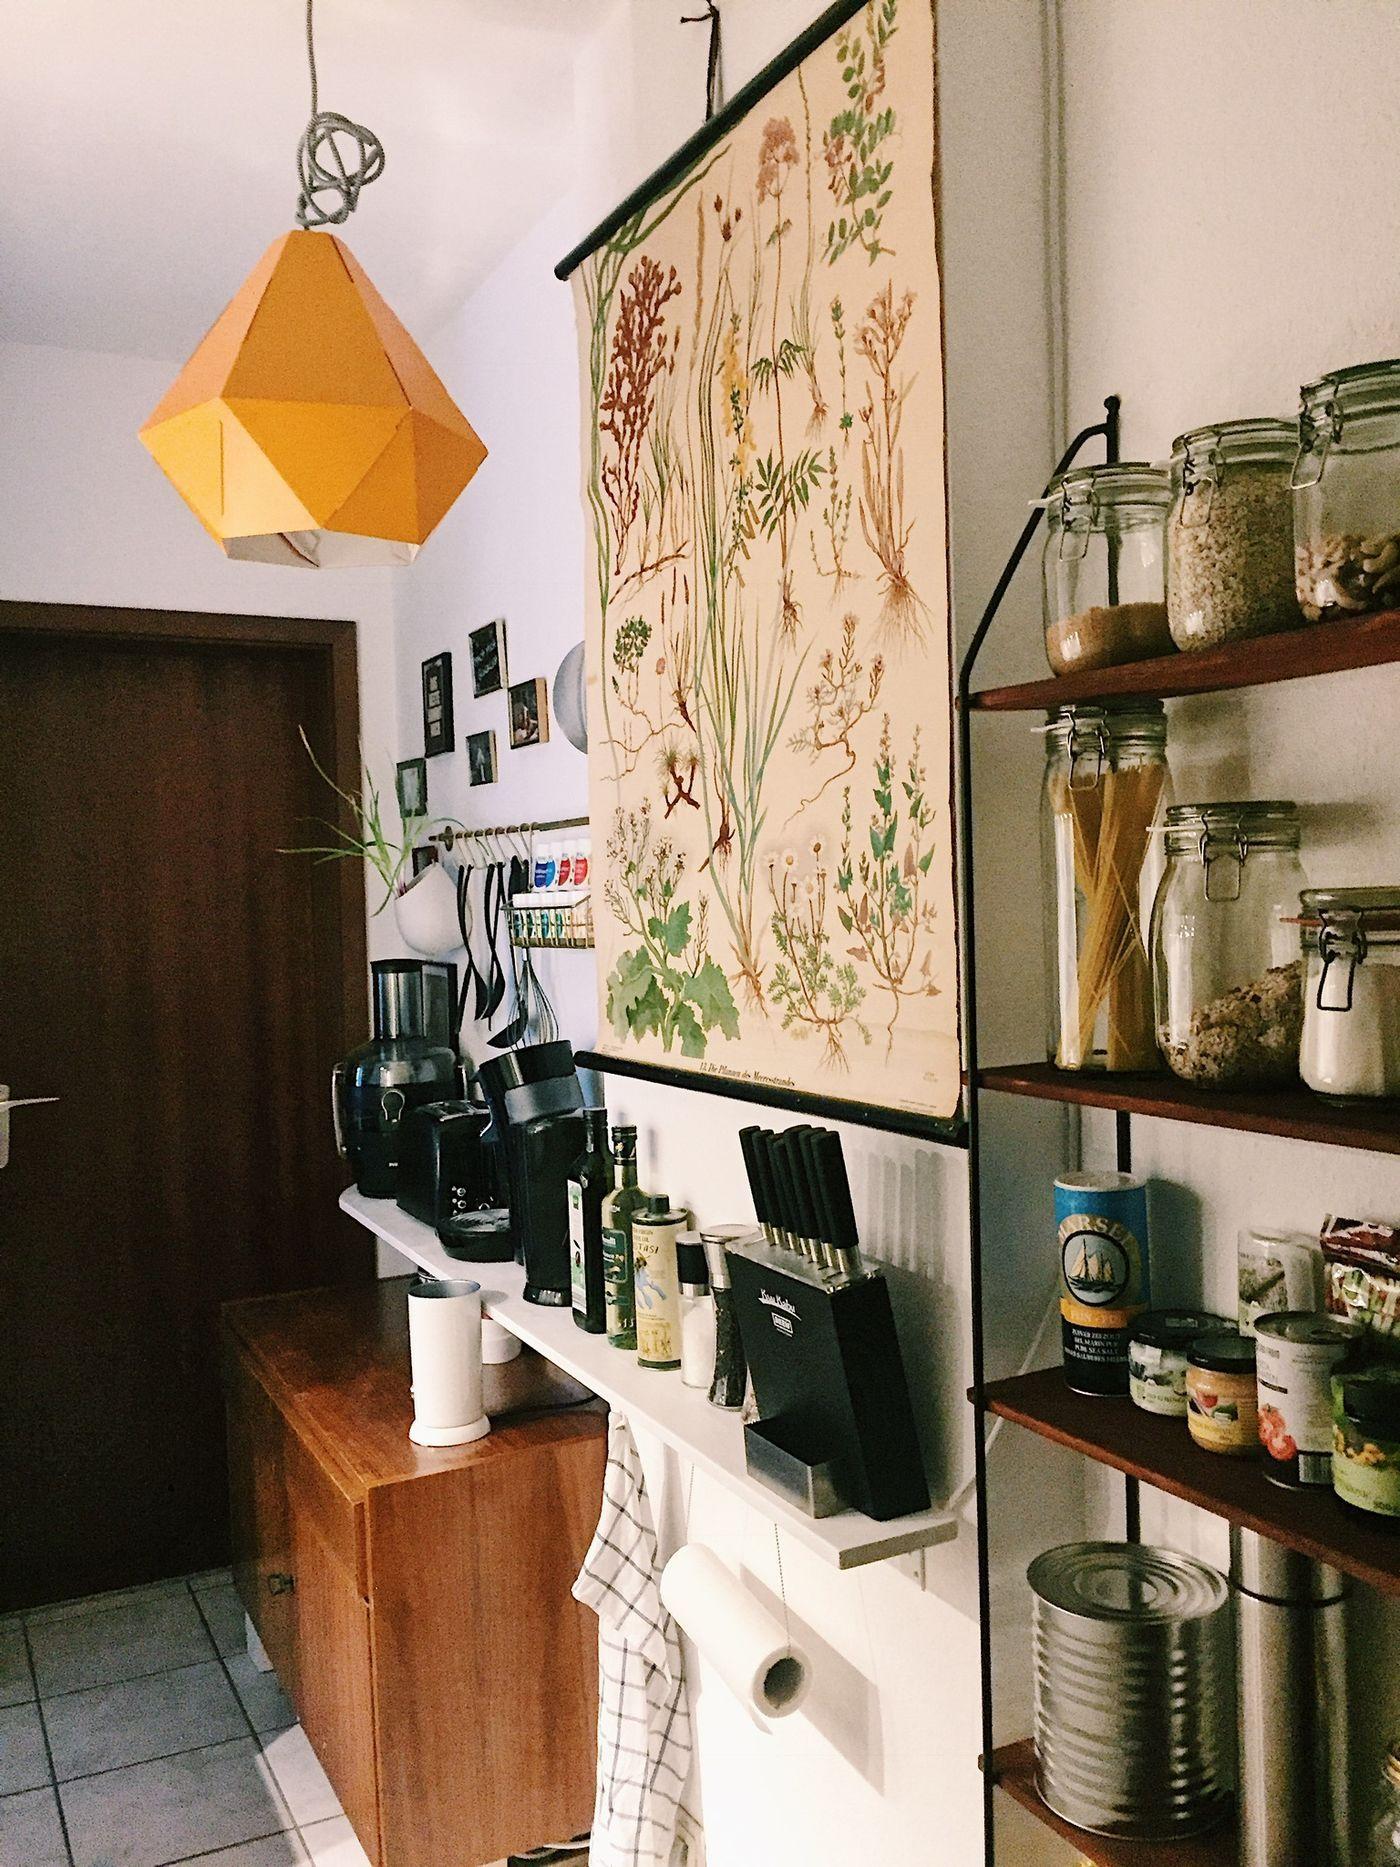 Charmant Beste Farbschränke Für Kleine Küche Ideen - Küche Set Ideen ...